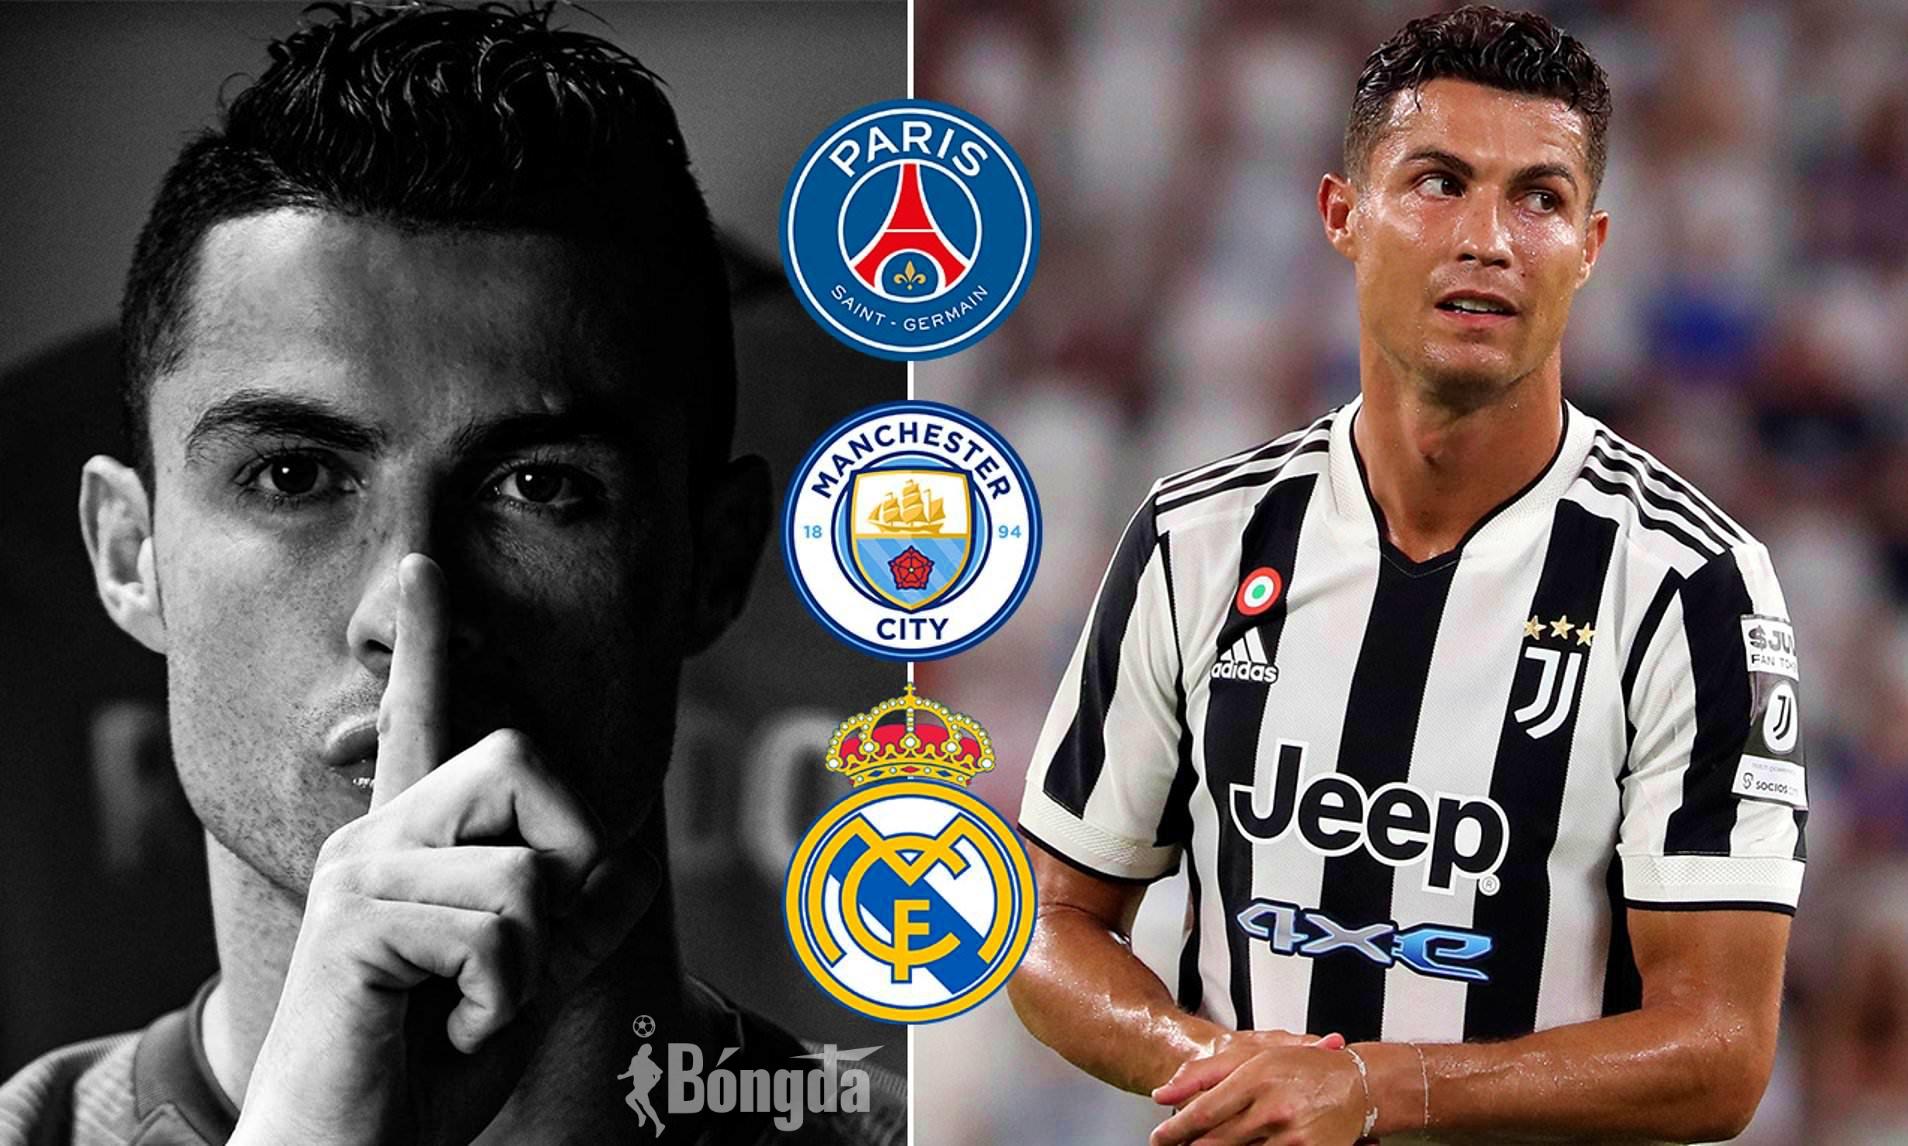 """Ronaldo thấy """"thiếu tôn trọng"""" trước những tin đồn đầu quân cho PSG và Man City"""